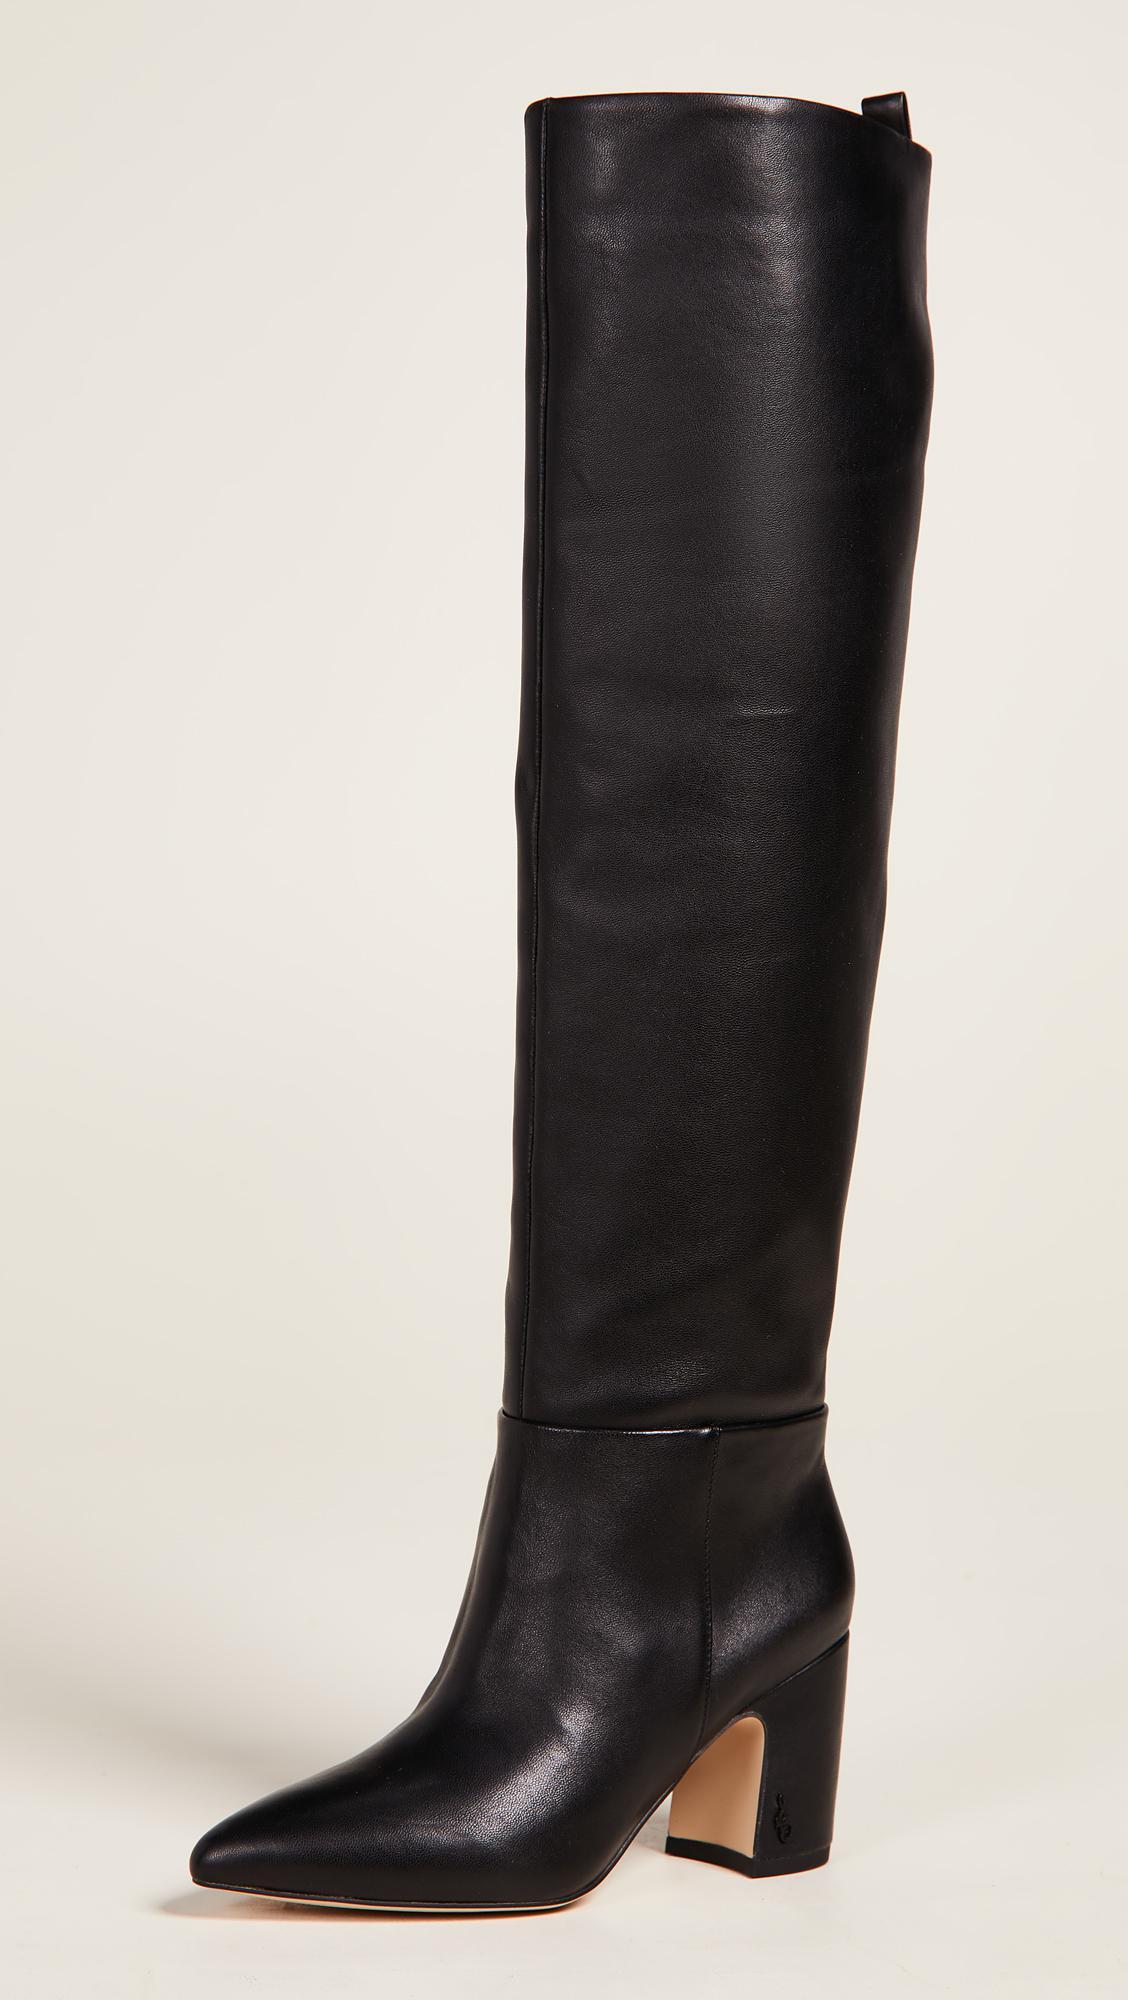 2274f7552 Lyst - Sam Edelman Hutton Tall Boots in Black